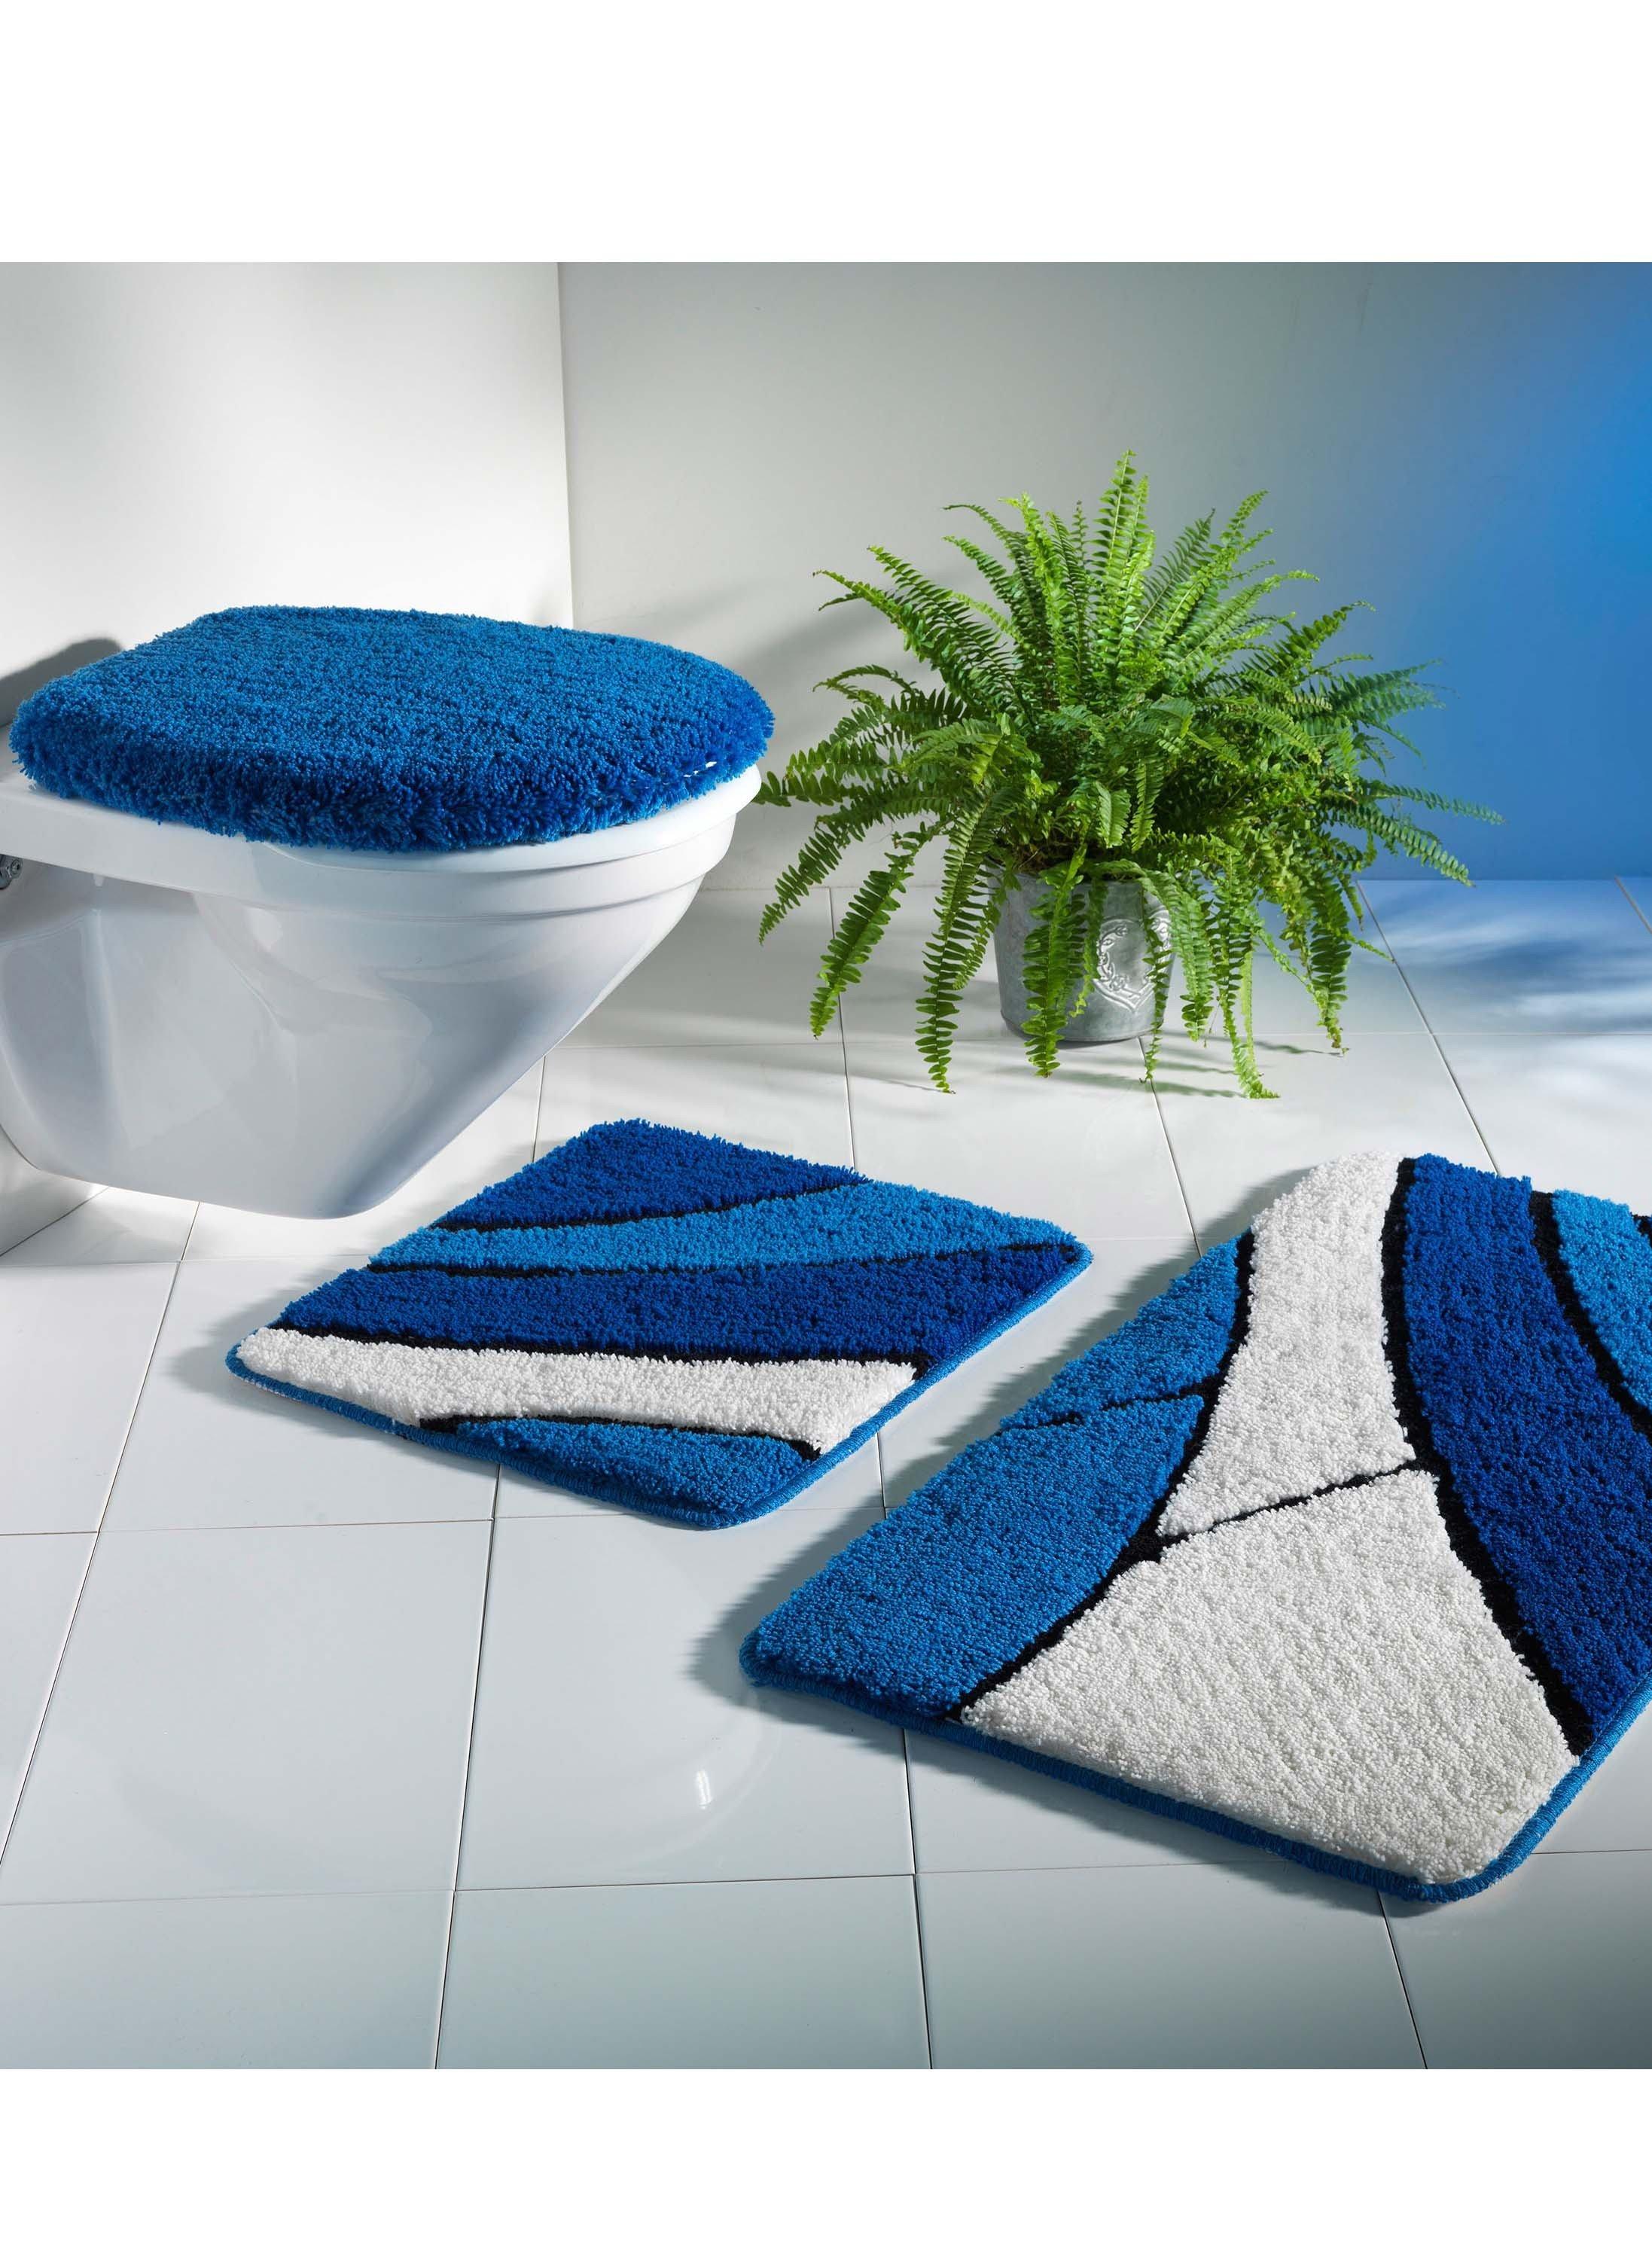 Garnitura per bagno/WC  senza taglio